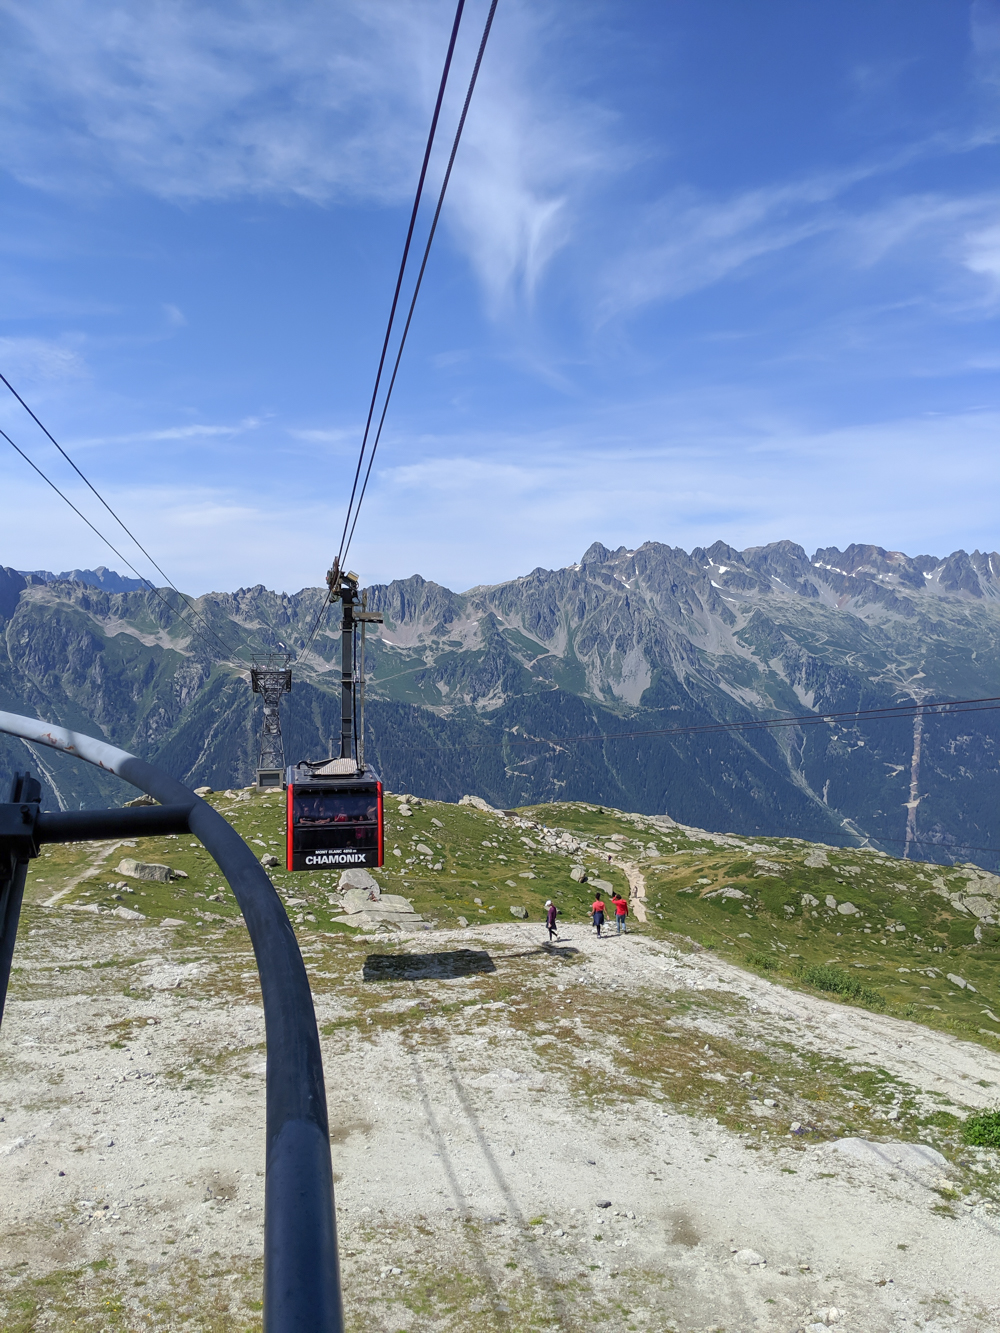 Aiguille du Midi summer visitor's guide, Chamonix, France: hikers leaving Plan de l'Aiguille